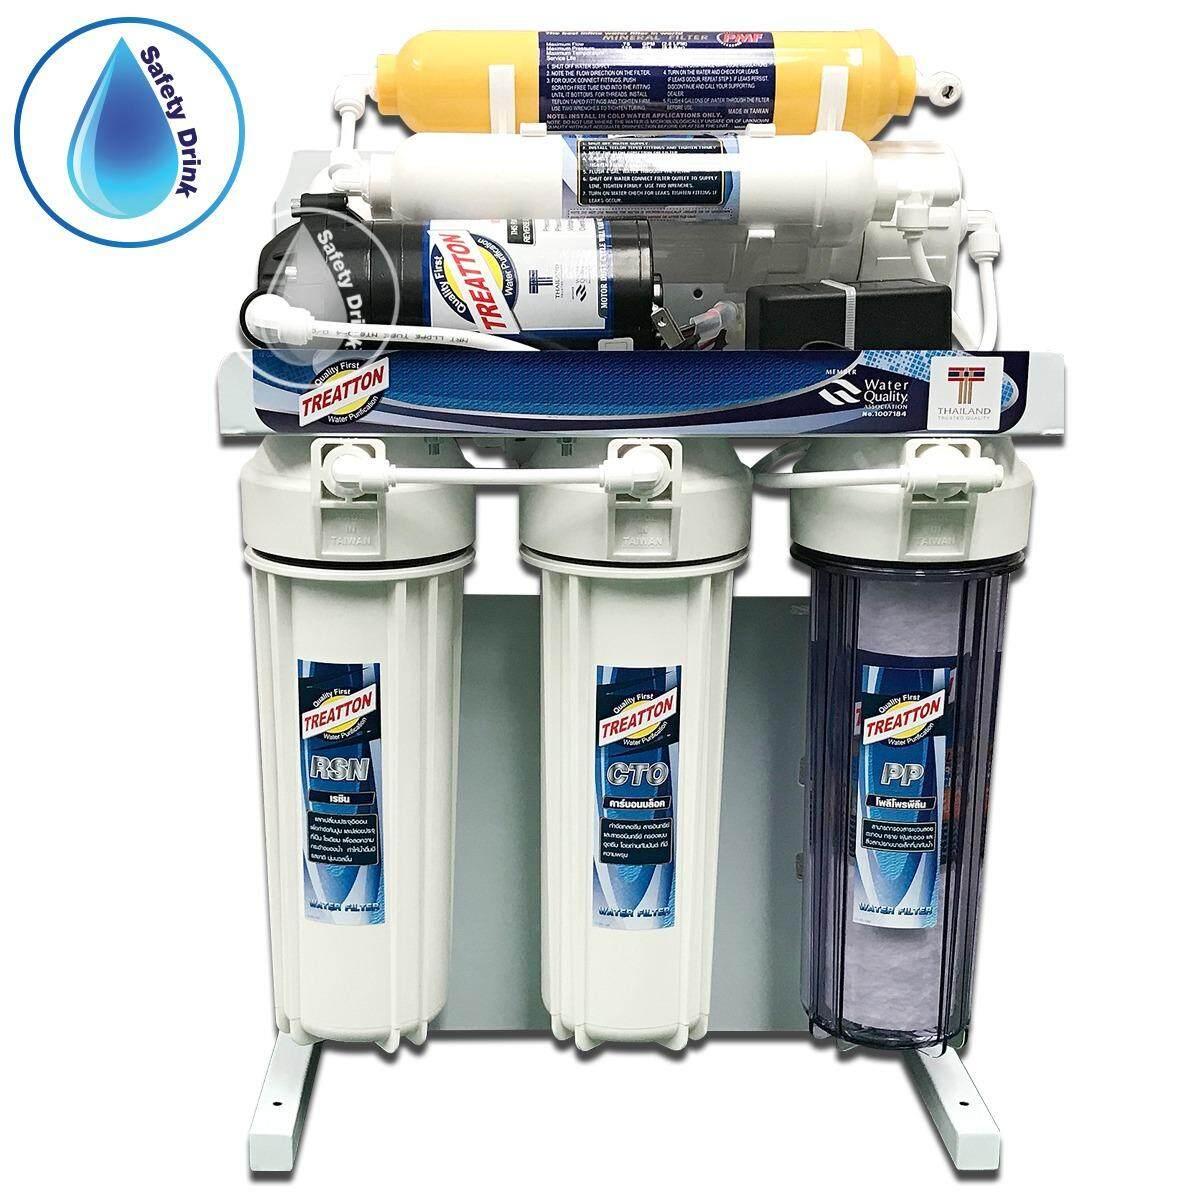 ขาย ซื้อ Treatton เครื่องกรองน้ำ Ro แบบตั้งพื้น 6 ขั้นตอน เพิ่มแร่ธาตุ สีขาว ไทย